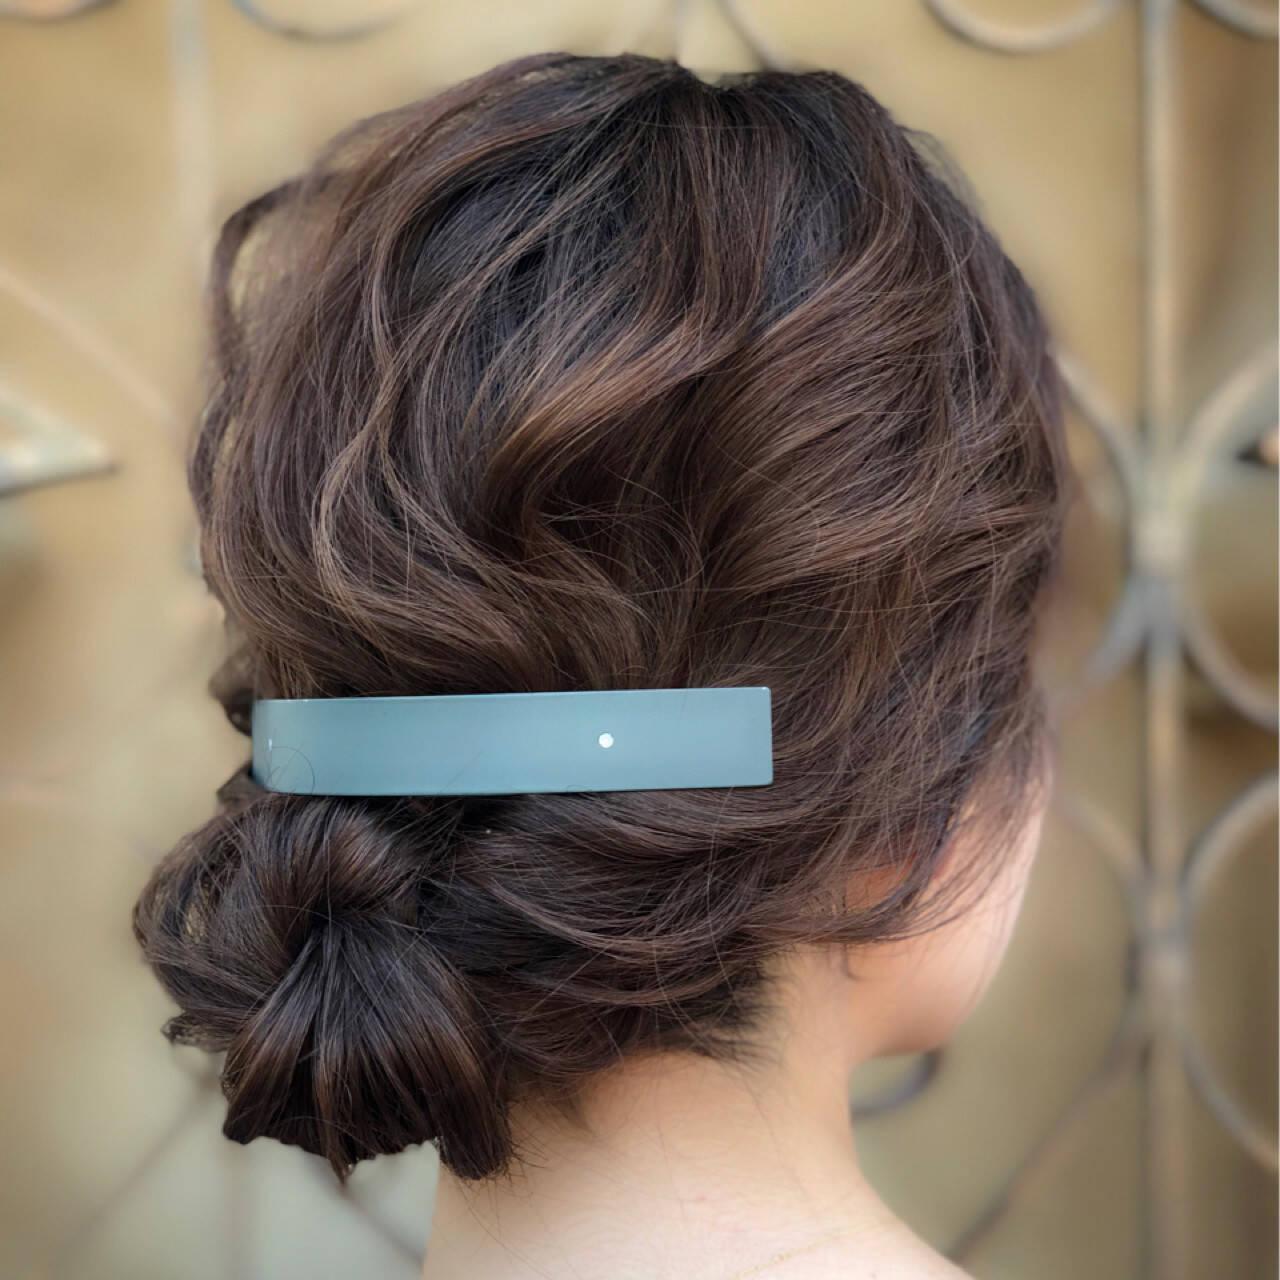 ナチュラル シニヨン ヘアアレンジ 夏ヘアスタイルや髪型の写真・画像